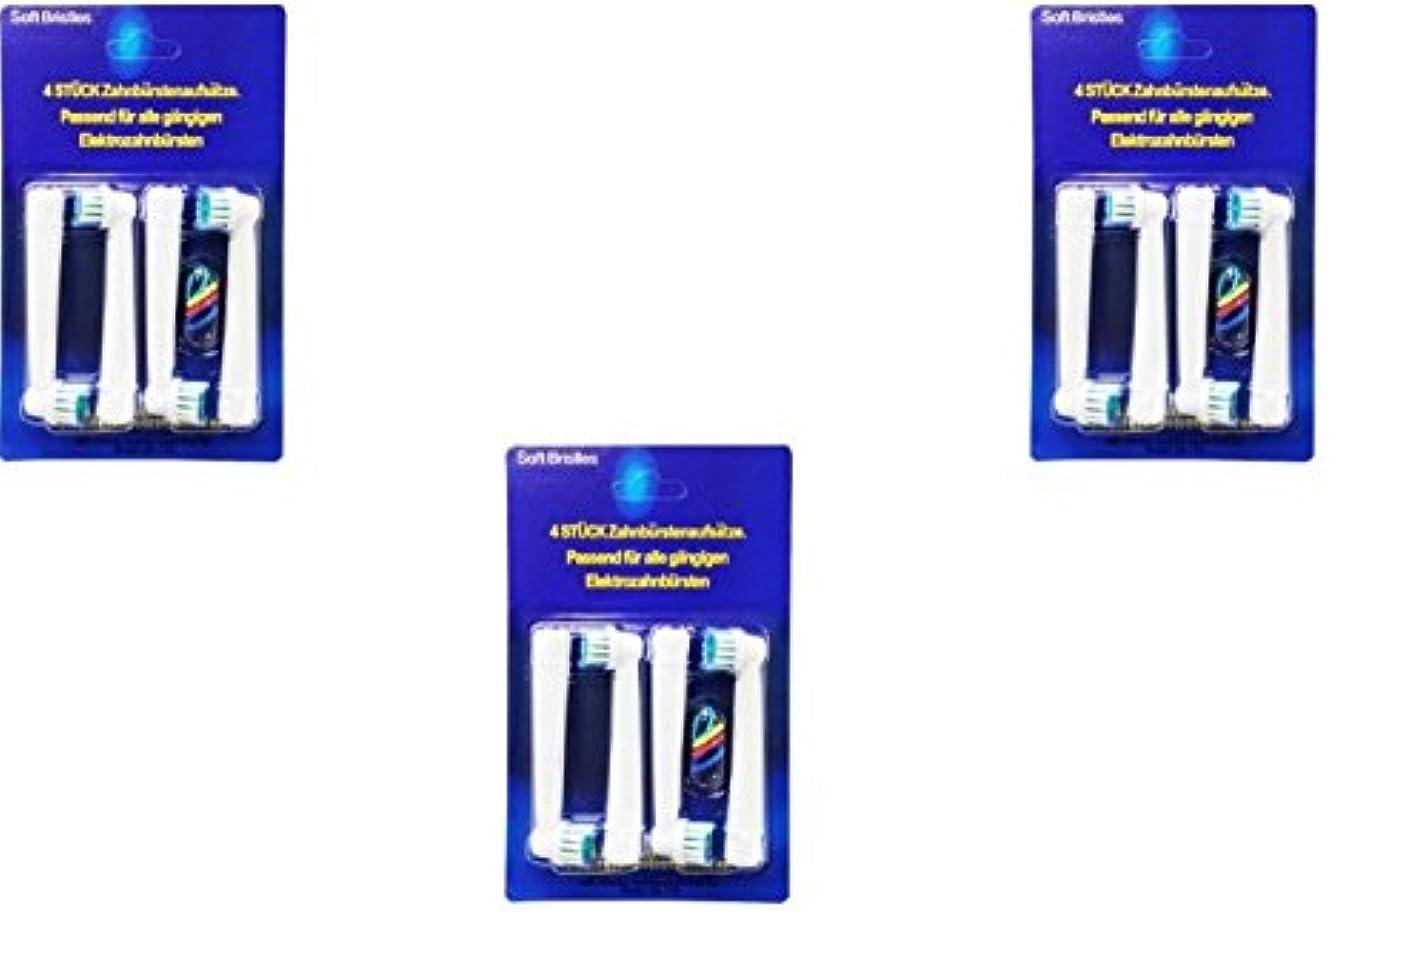 仲介者広々オーストラリアブラウン EB17-4 オーラルB 互換 替えブラシ 4本入りx3セット=12本 ソフトブラシ(EB17-4)